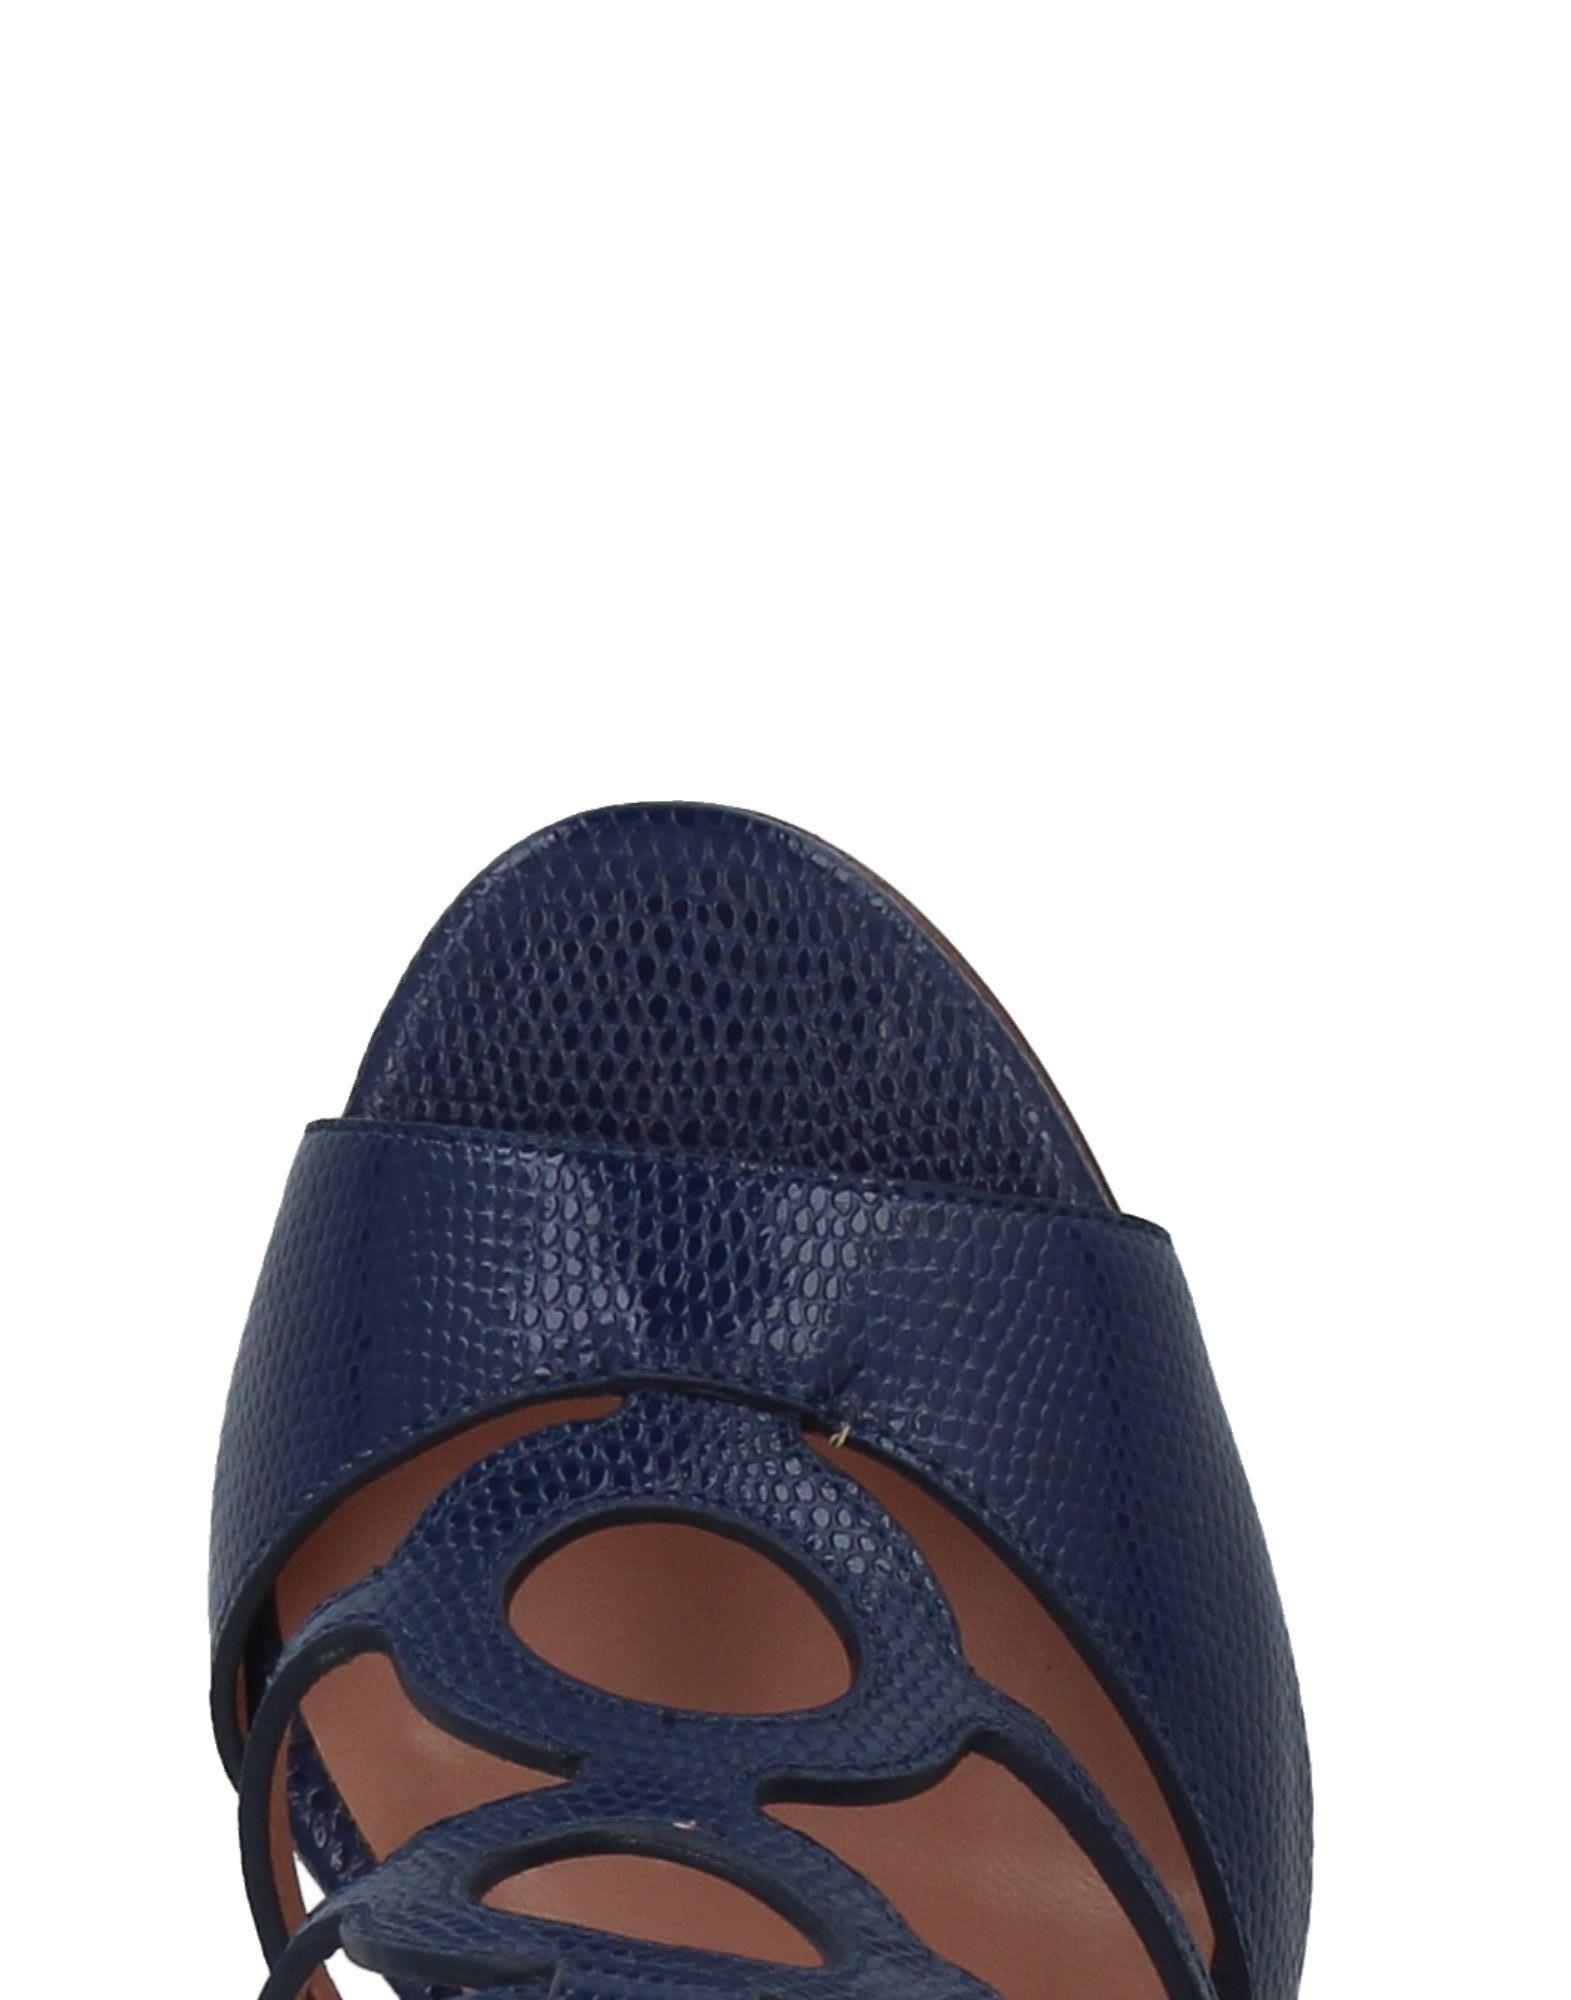 L' Autre Chose Sandalen strapazierfähige Damen  11383899FMGut aussehende strapazierfähige Sandalen Schuhe 648869